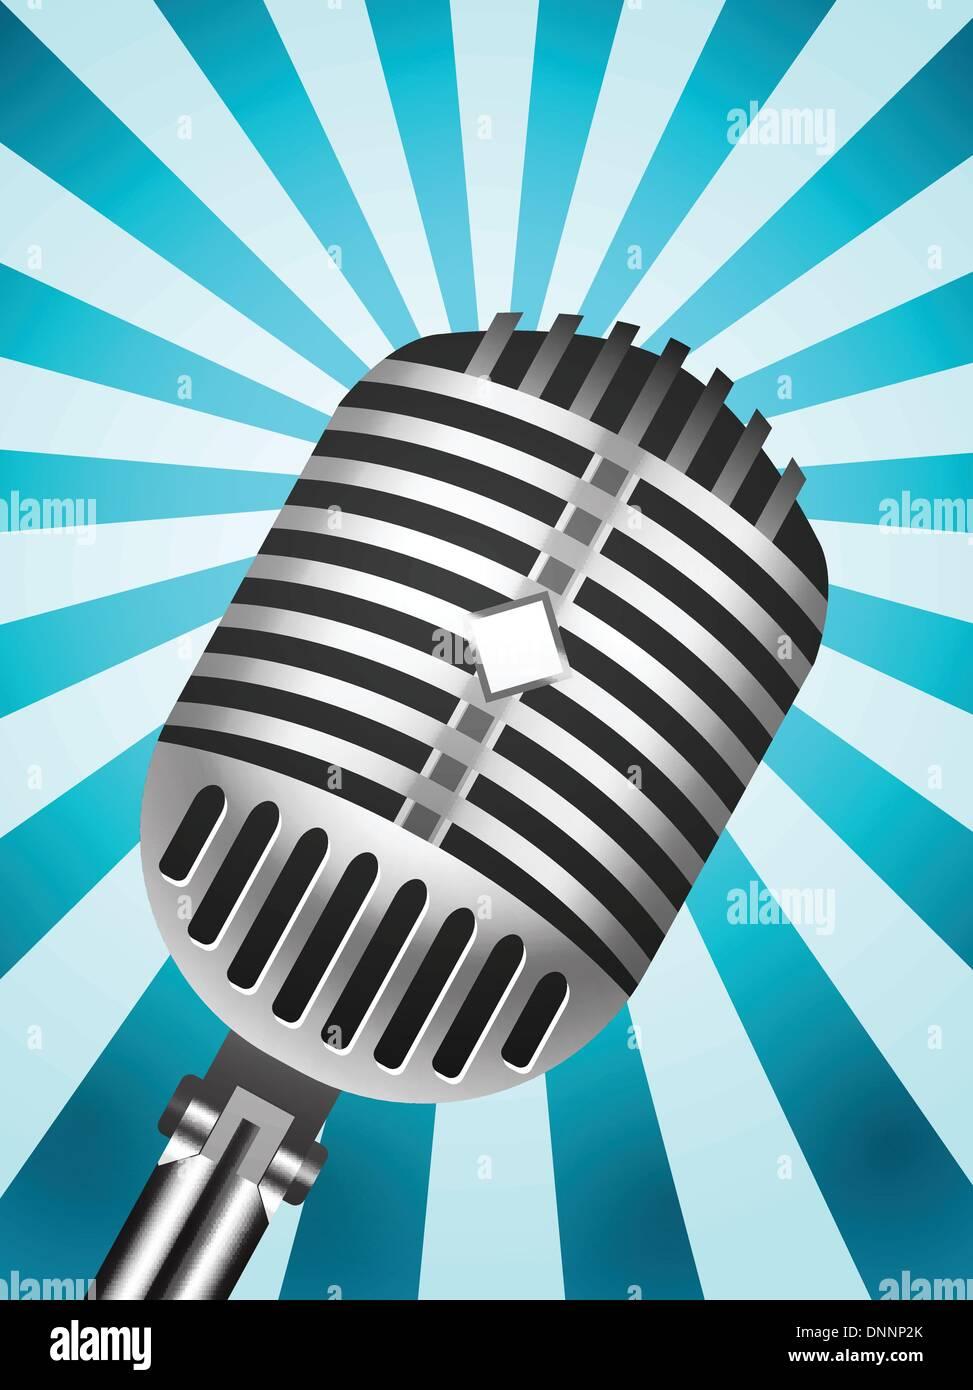 Microphone classique sur fond doublé. Vector illustration Photo Stock